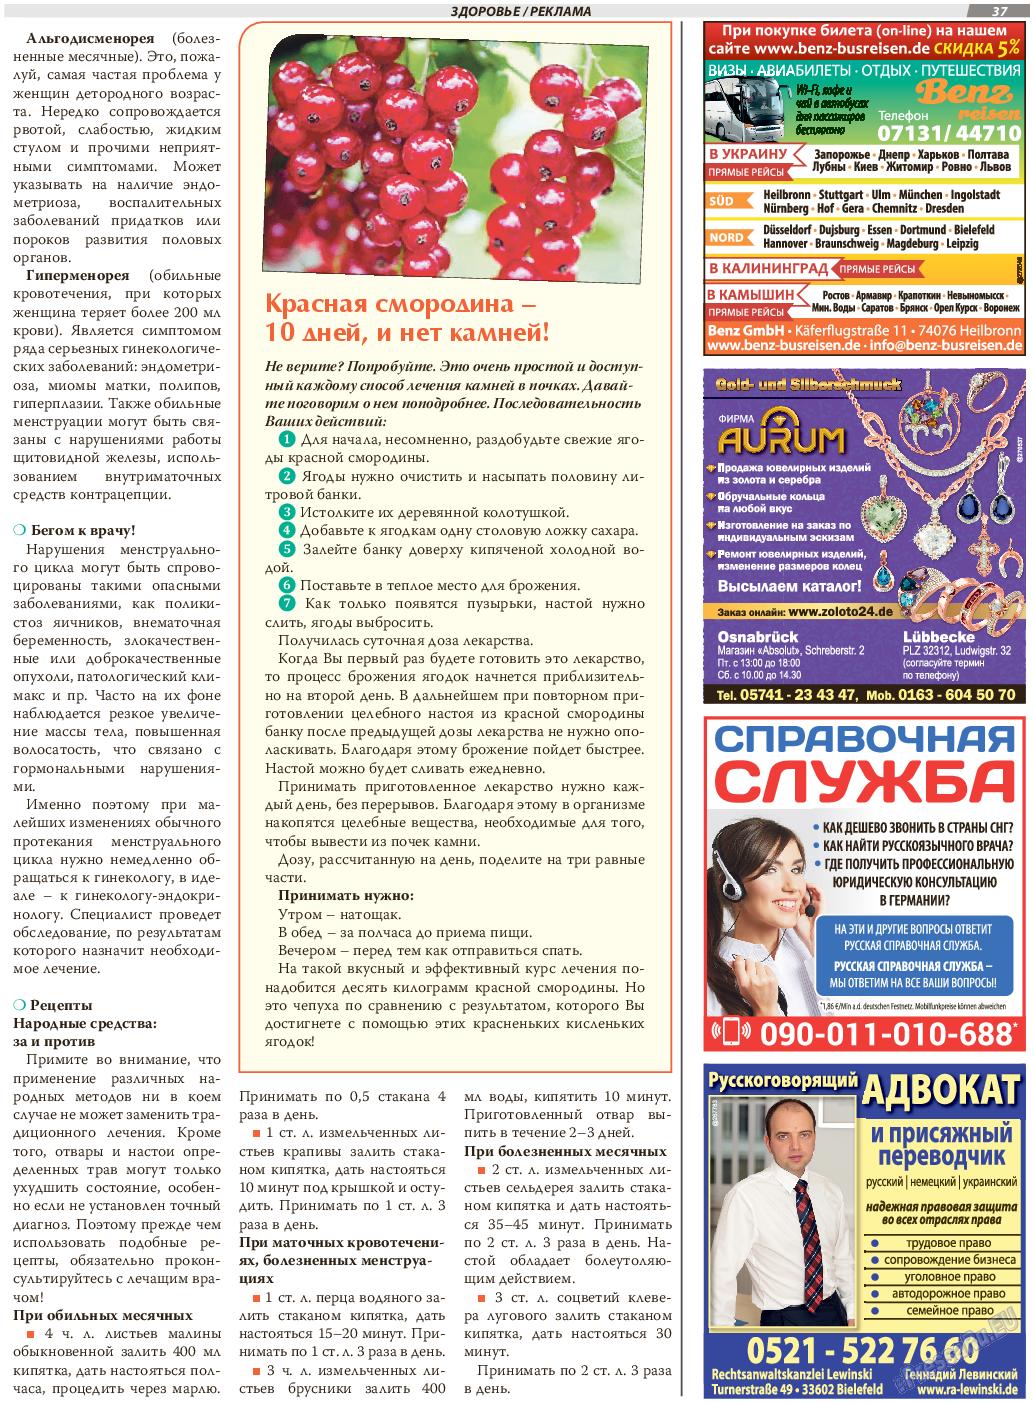 TVrus (газета). 2018 год, номер 34, стр. 37